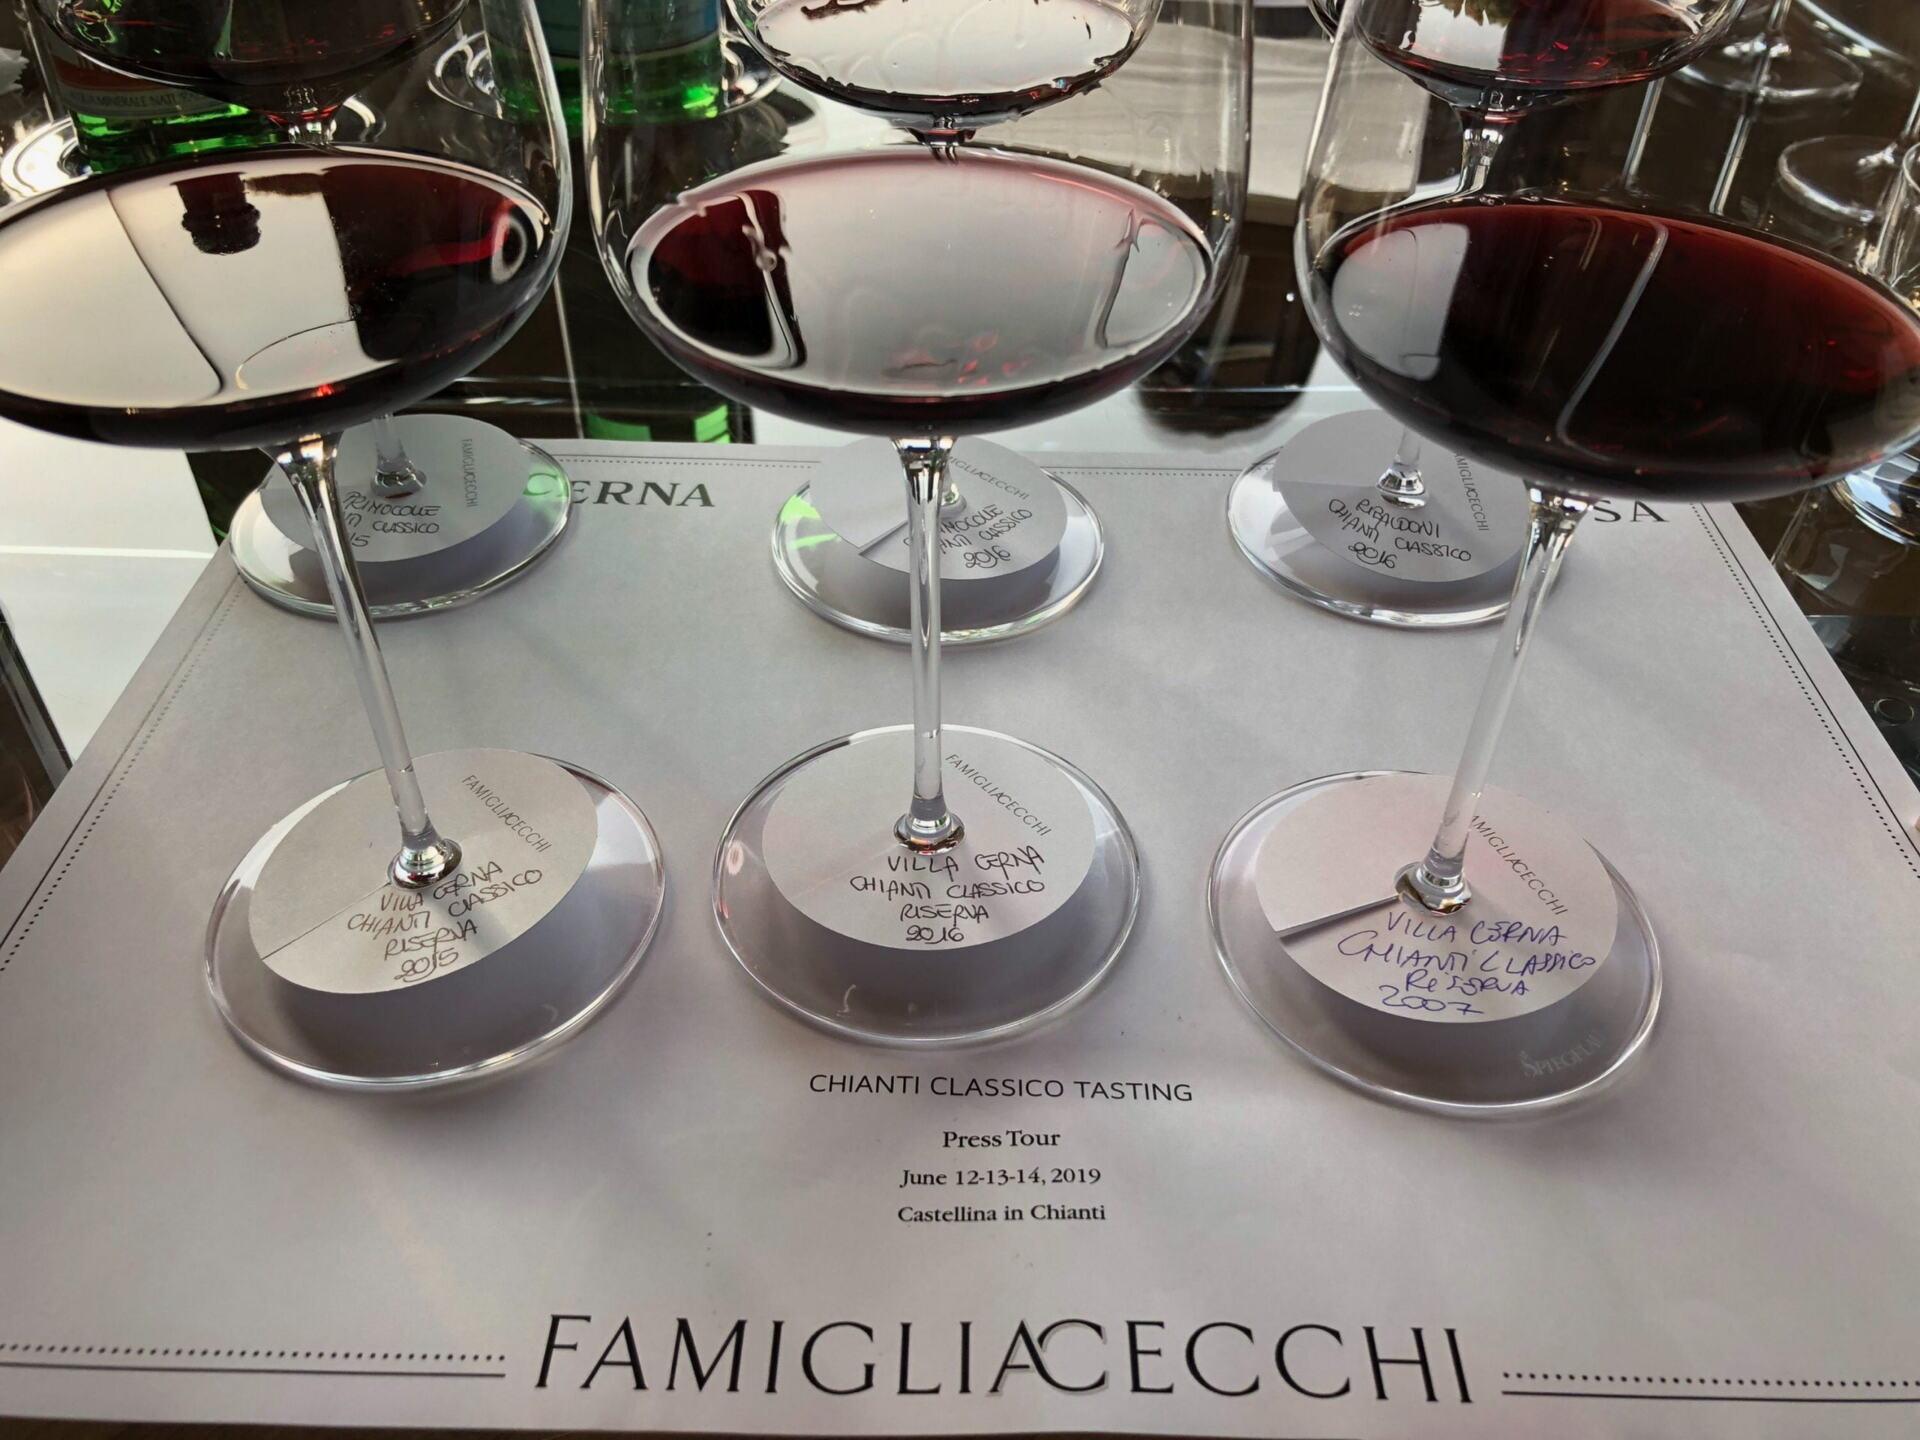 Wine glasses on tasting sheet